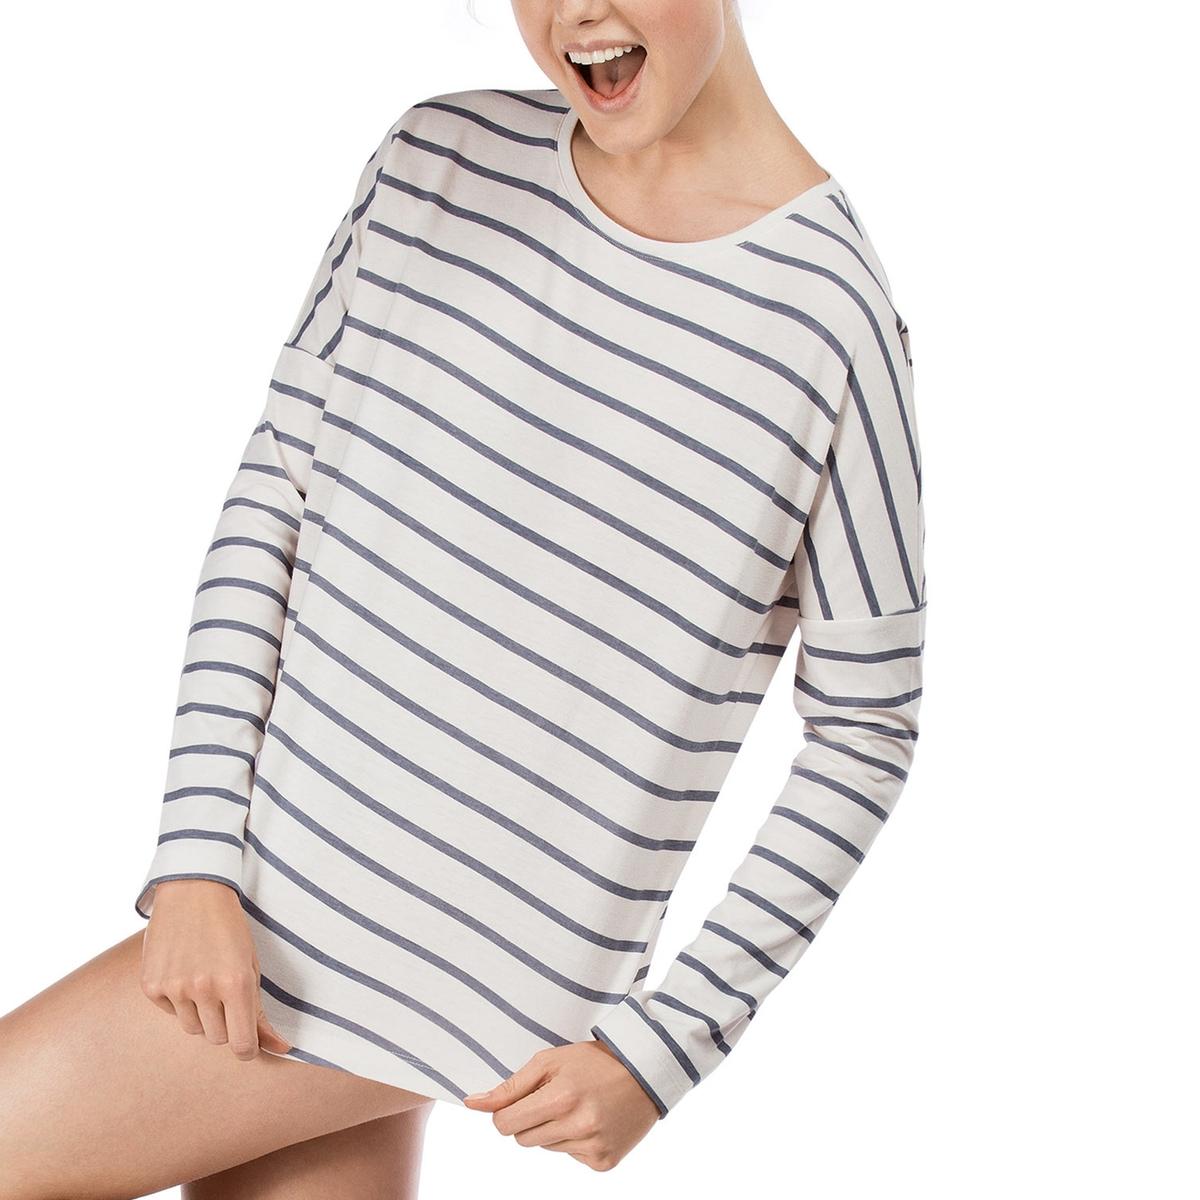 Футболка с длинными рукавами, 100% хлопокФутболка с длинными рукавами Loungewear Collection от Skiny . Футболка прямого покроя с круглым вырезом . Состав и описание :Основной материал : 65% хлопка, 35% полиэстераМарка : Skiny УходМашинная стирка при 30 °CСтирать вместе с одеждой подобных цветов<br><br>Цвет: темно-синий в полоску<br>Размер: 44 (FR) - 50 (RUS).42 (FR) - 48 (RUS)